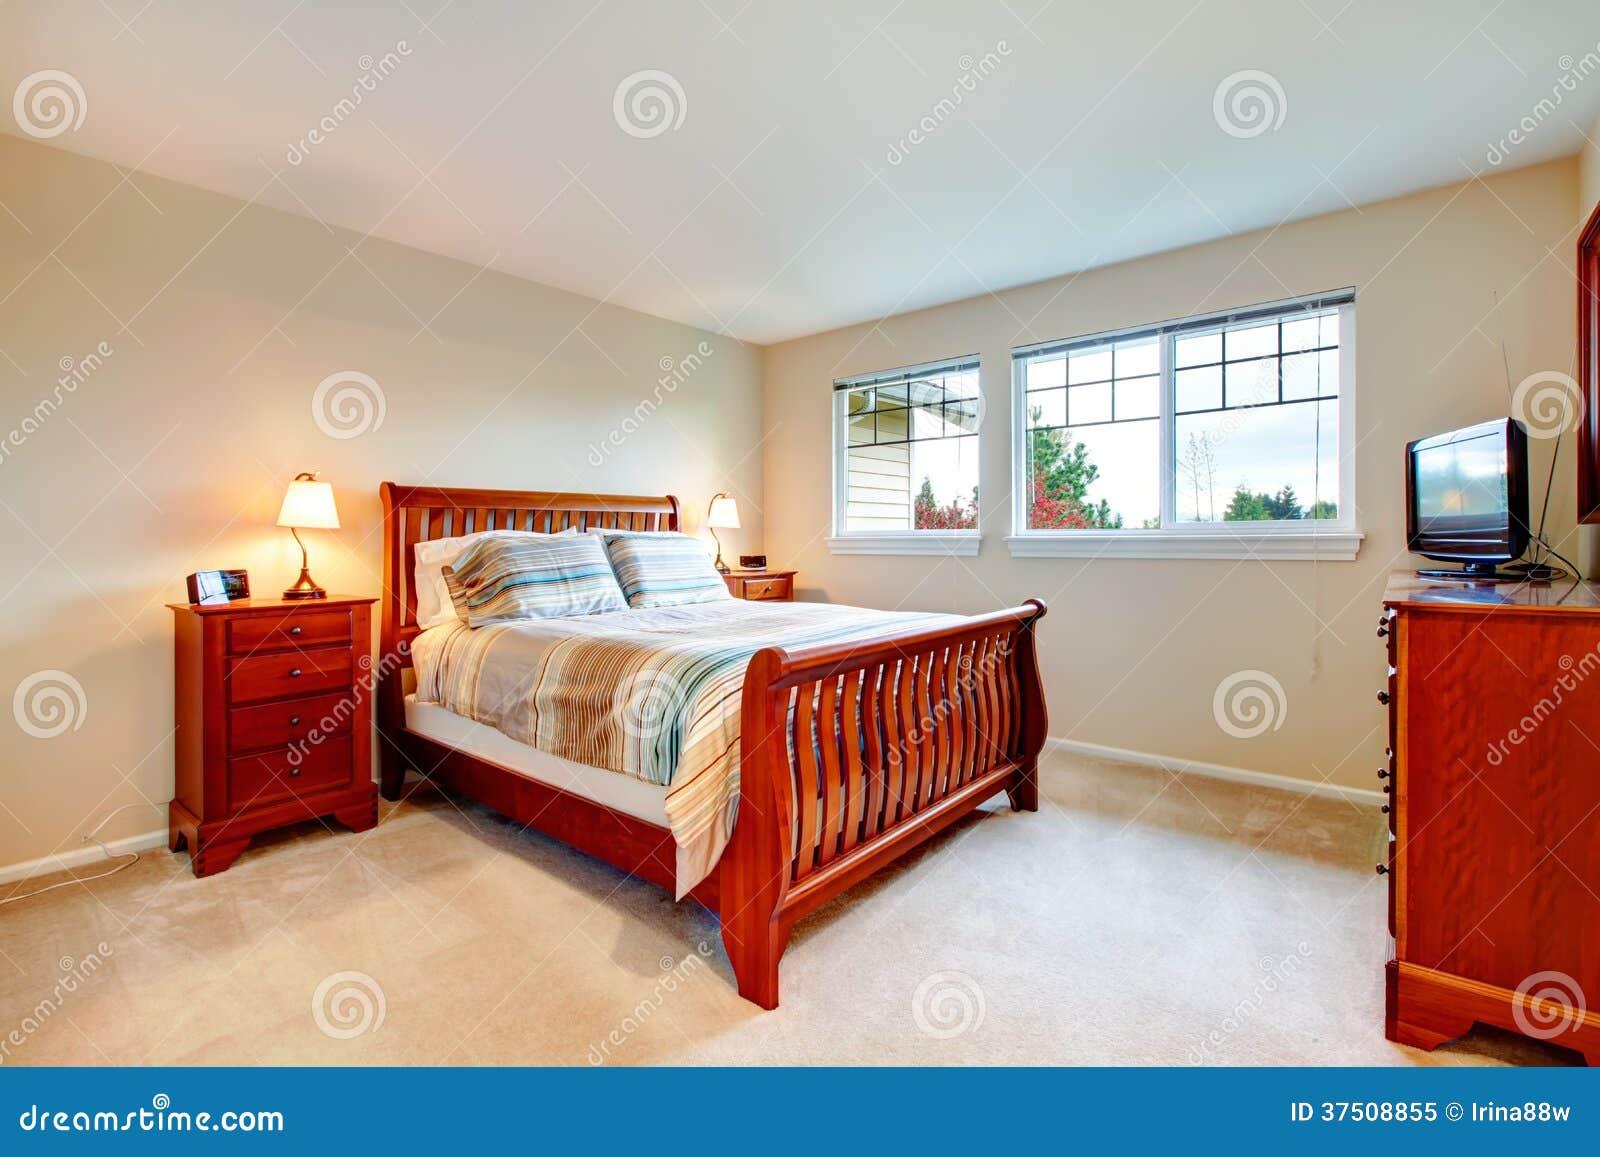 Chambre coucher chaude de couleurs avec les meubles en bois photo libre de droits image - Les chambre a coucher en bois ...